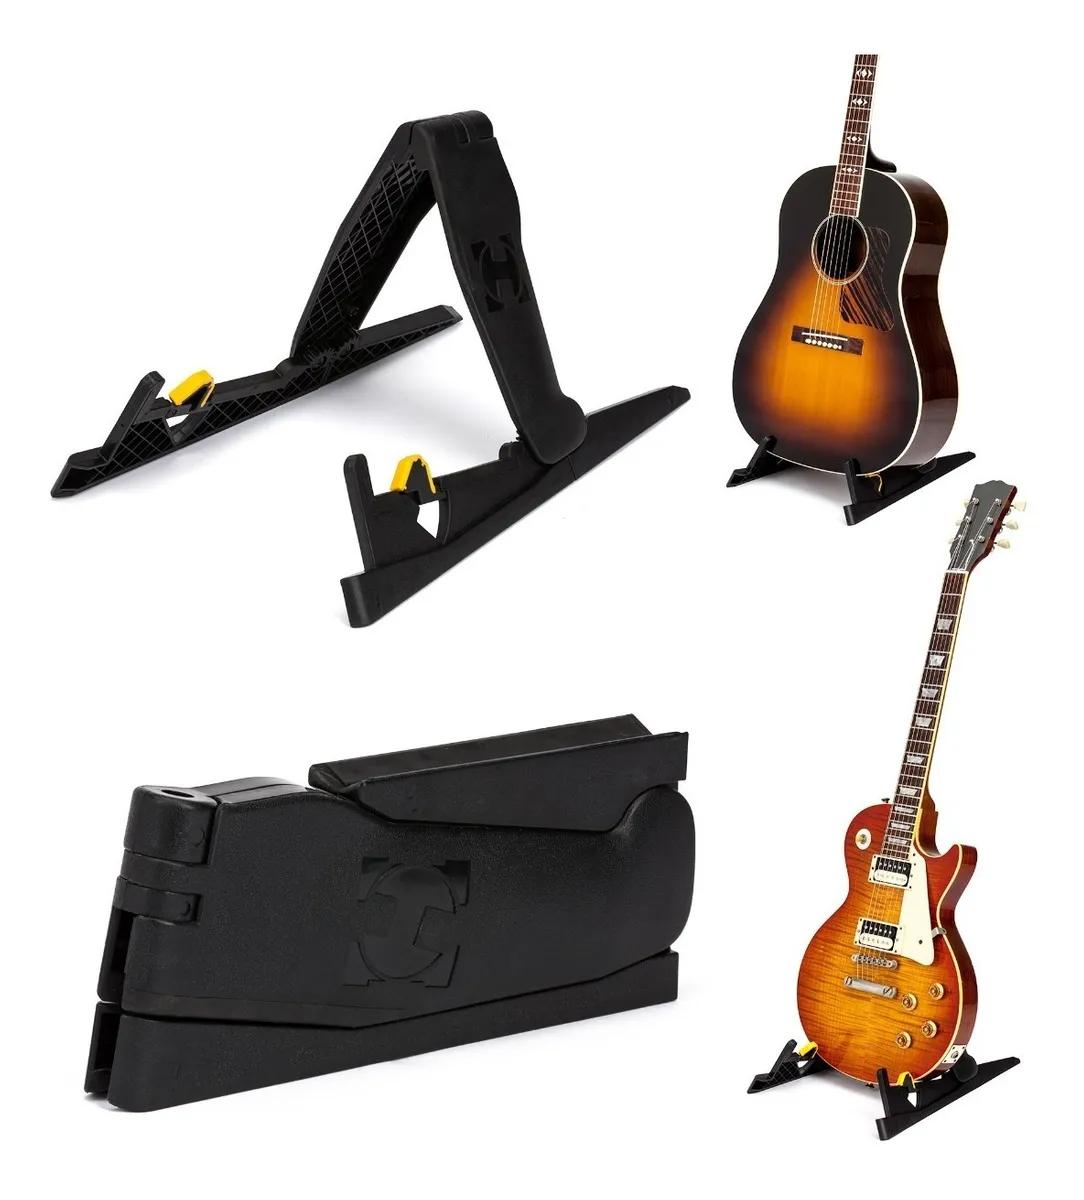 Suporte Hercules Portátil Guitarra & Violão Gs200b  - MegaLojaSP